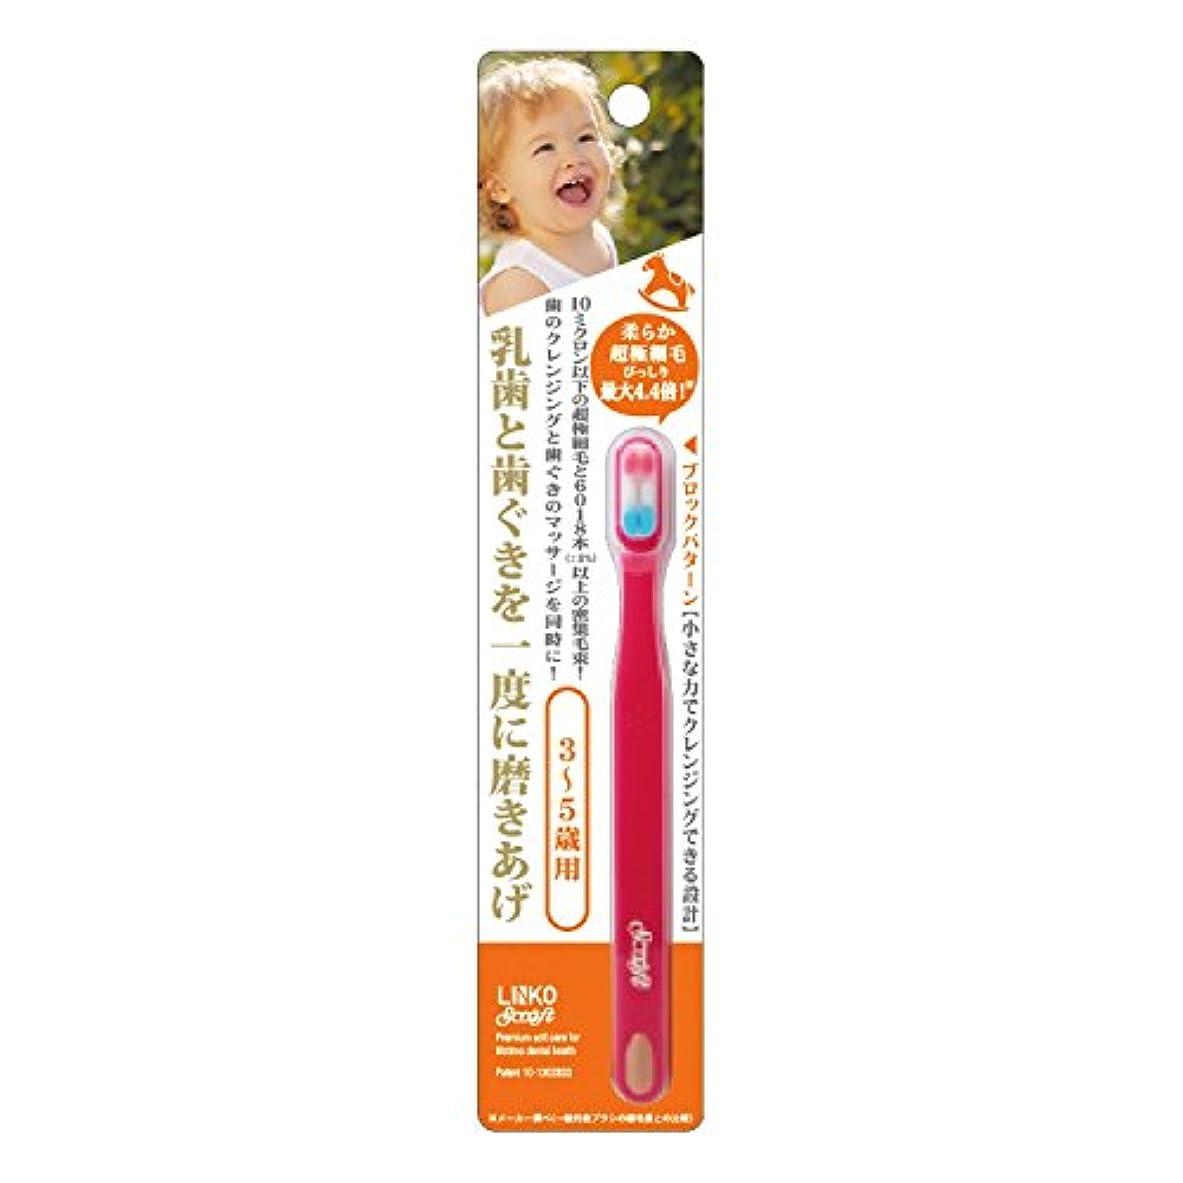 歯国歌リテラシー【ルクス×リエンコ】 超極細毛ソフト歯ブラシ 3~5歳用 (※色お任せ)